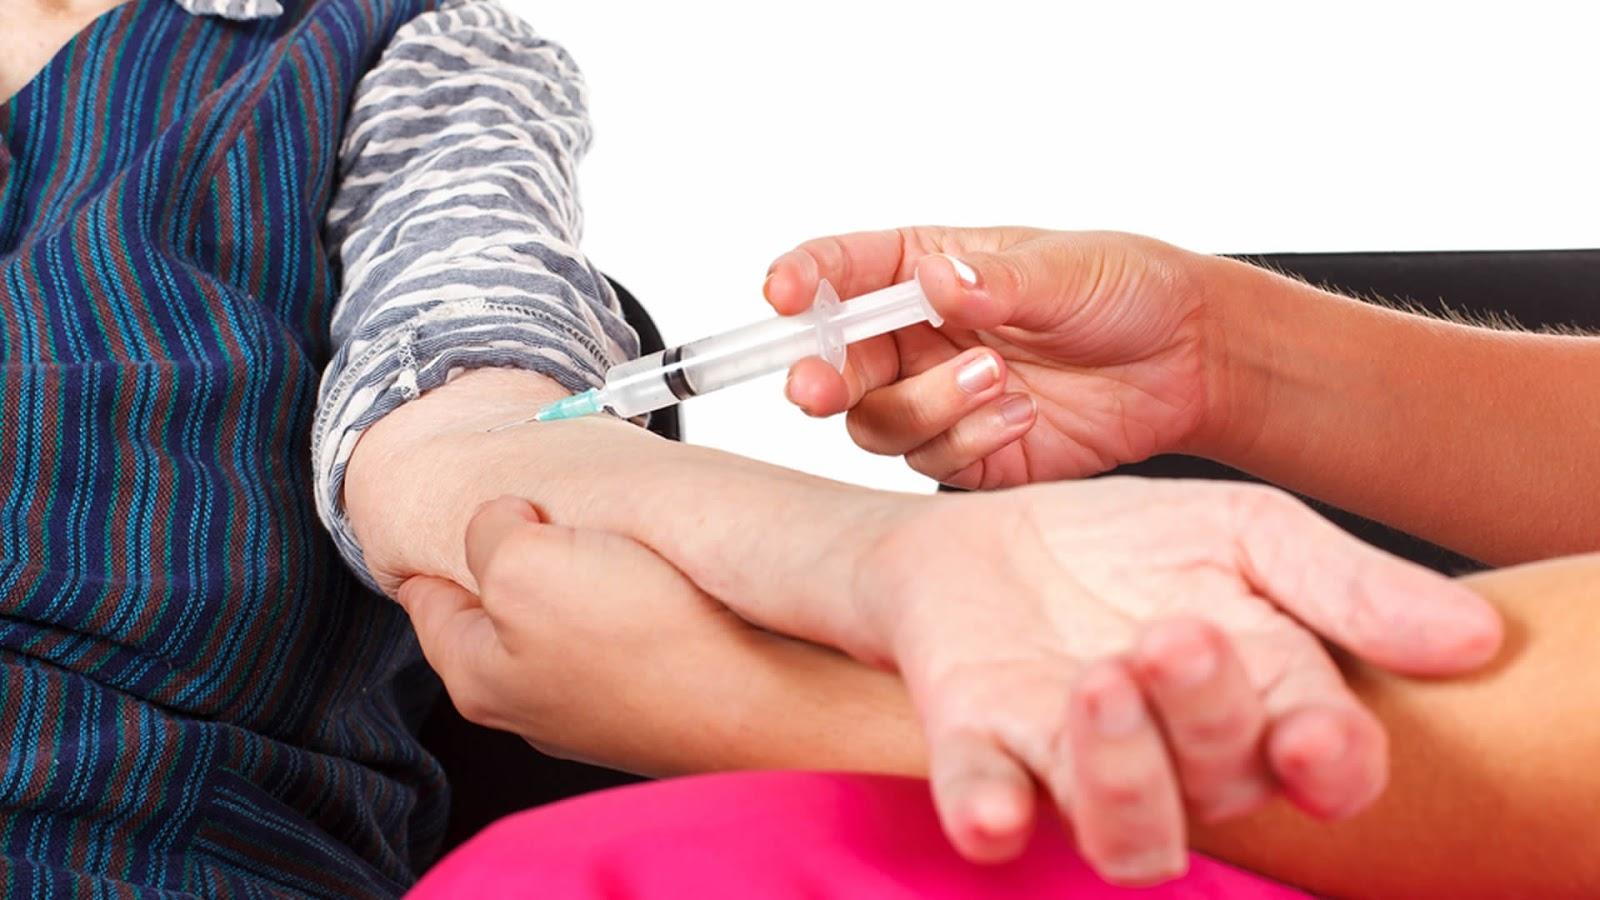 Medische zorgen op doktersvoorschrift